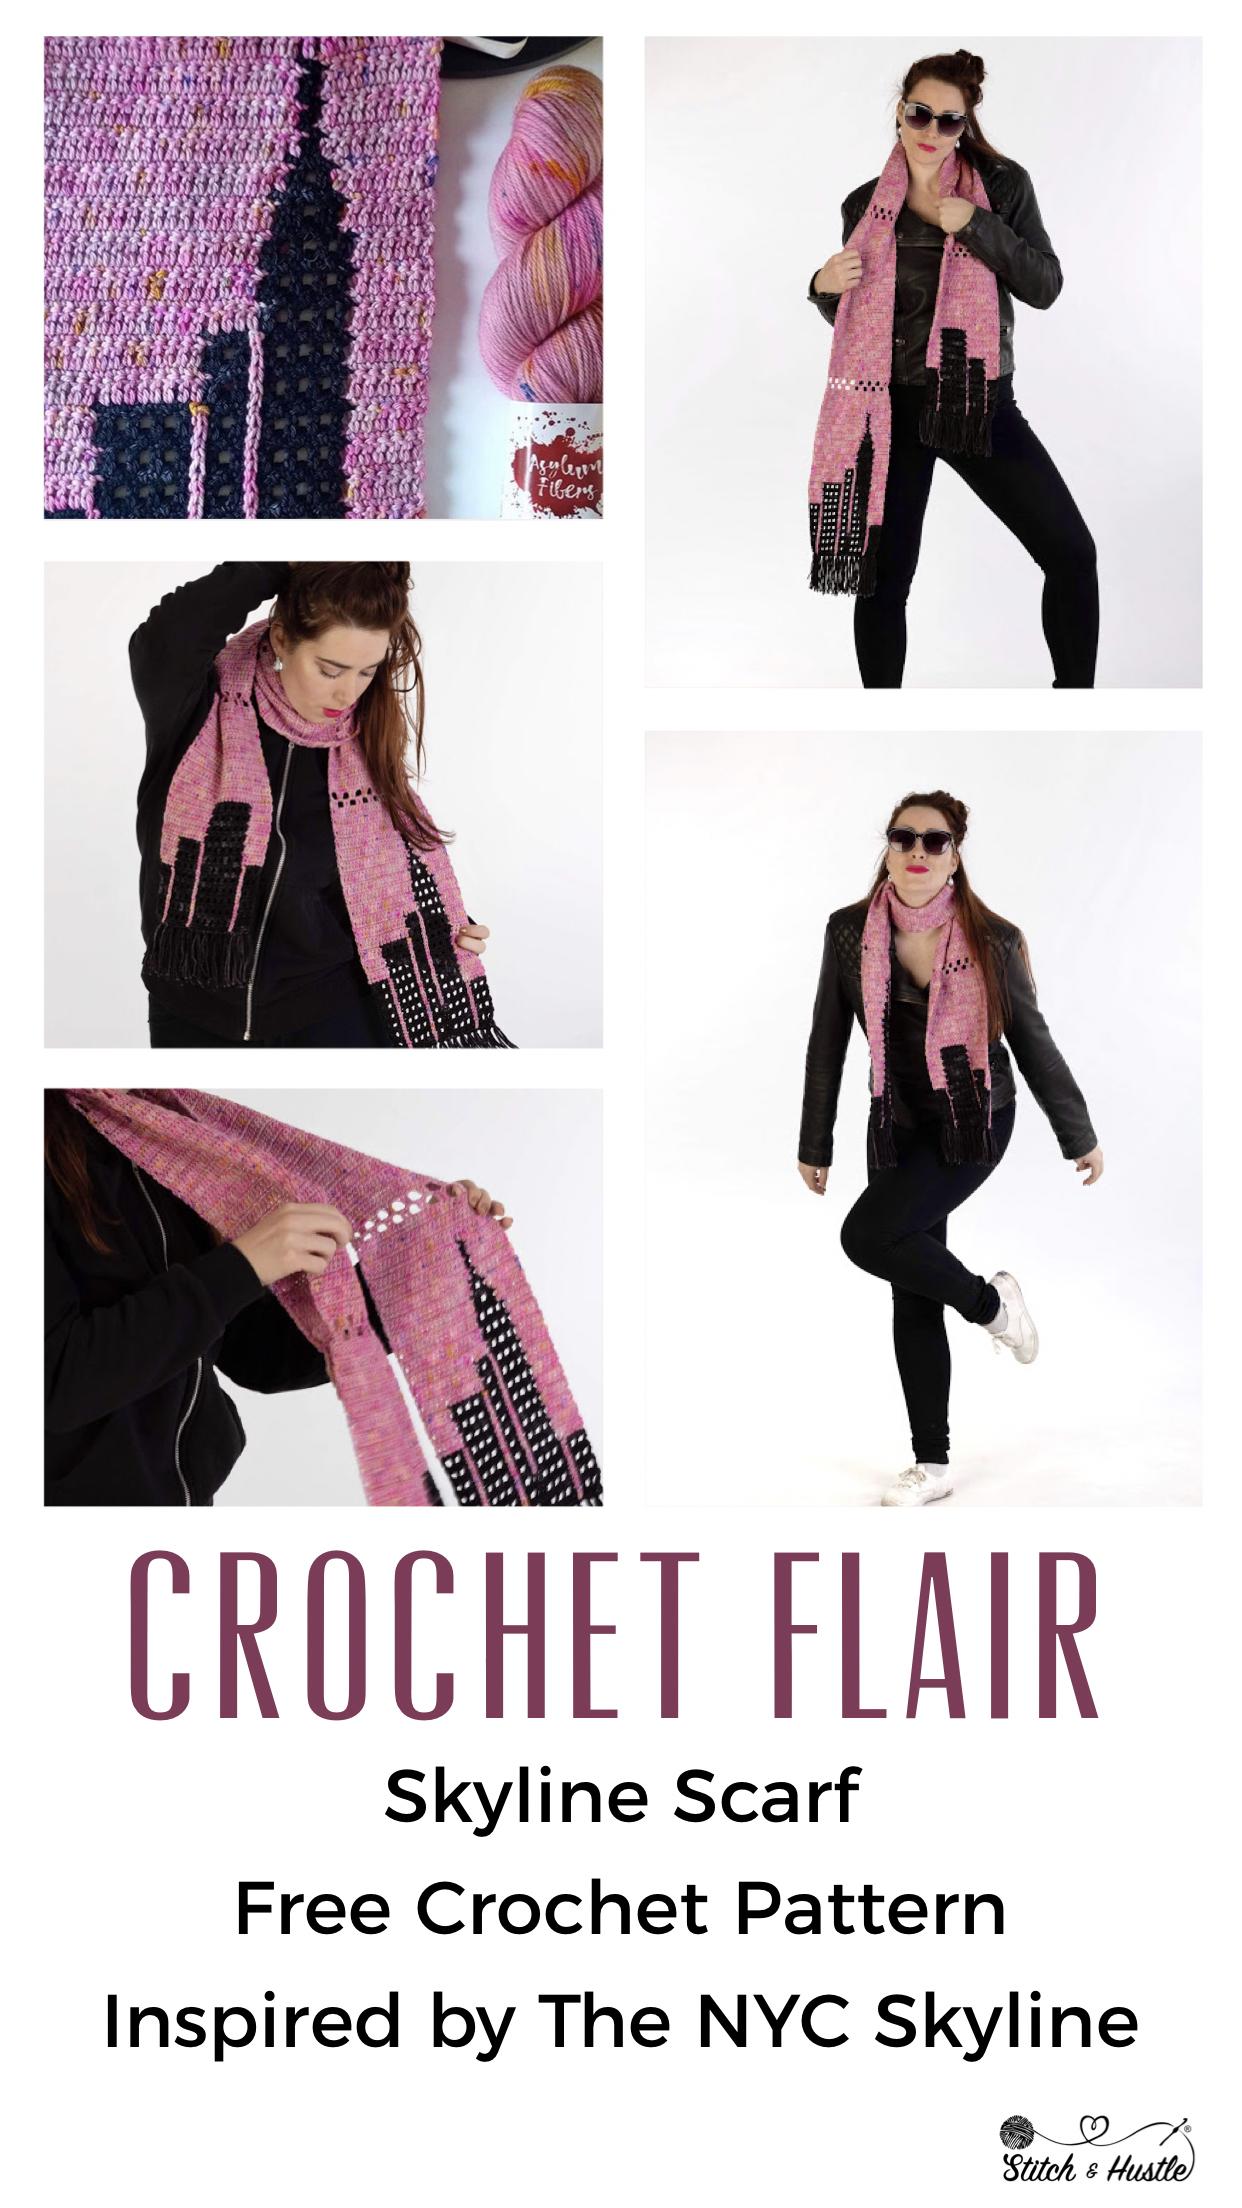 skyline-scarf-free-crochet-pattern-2.jpg